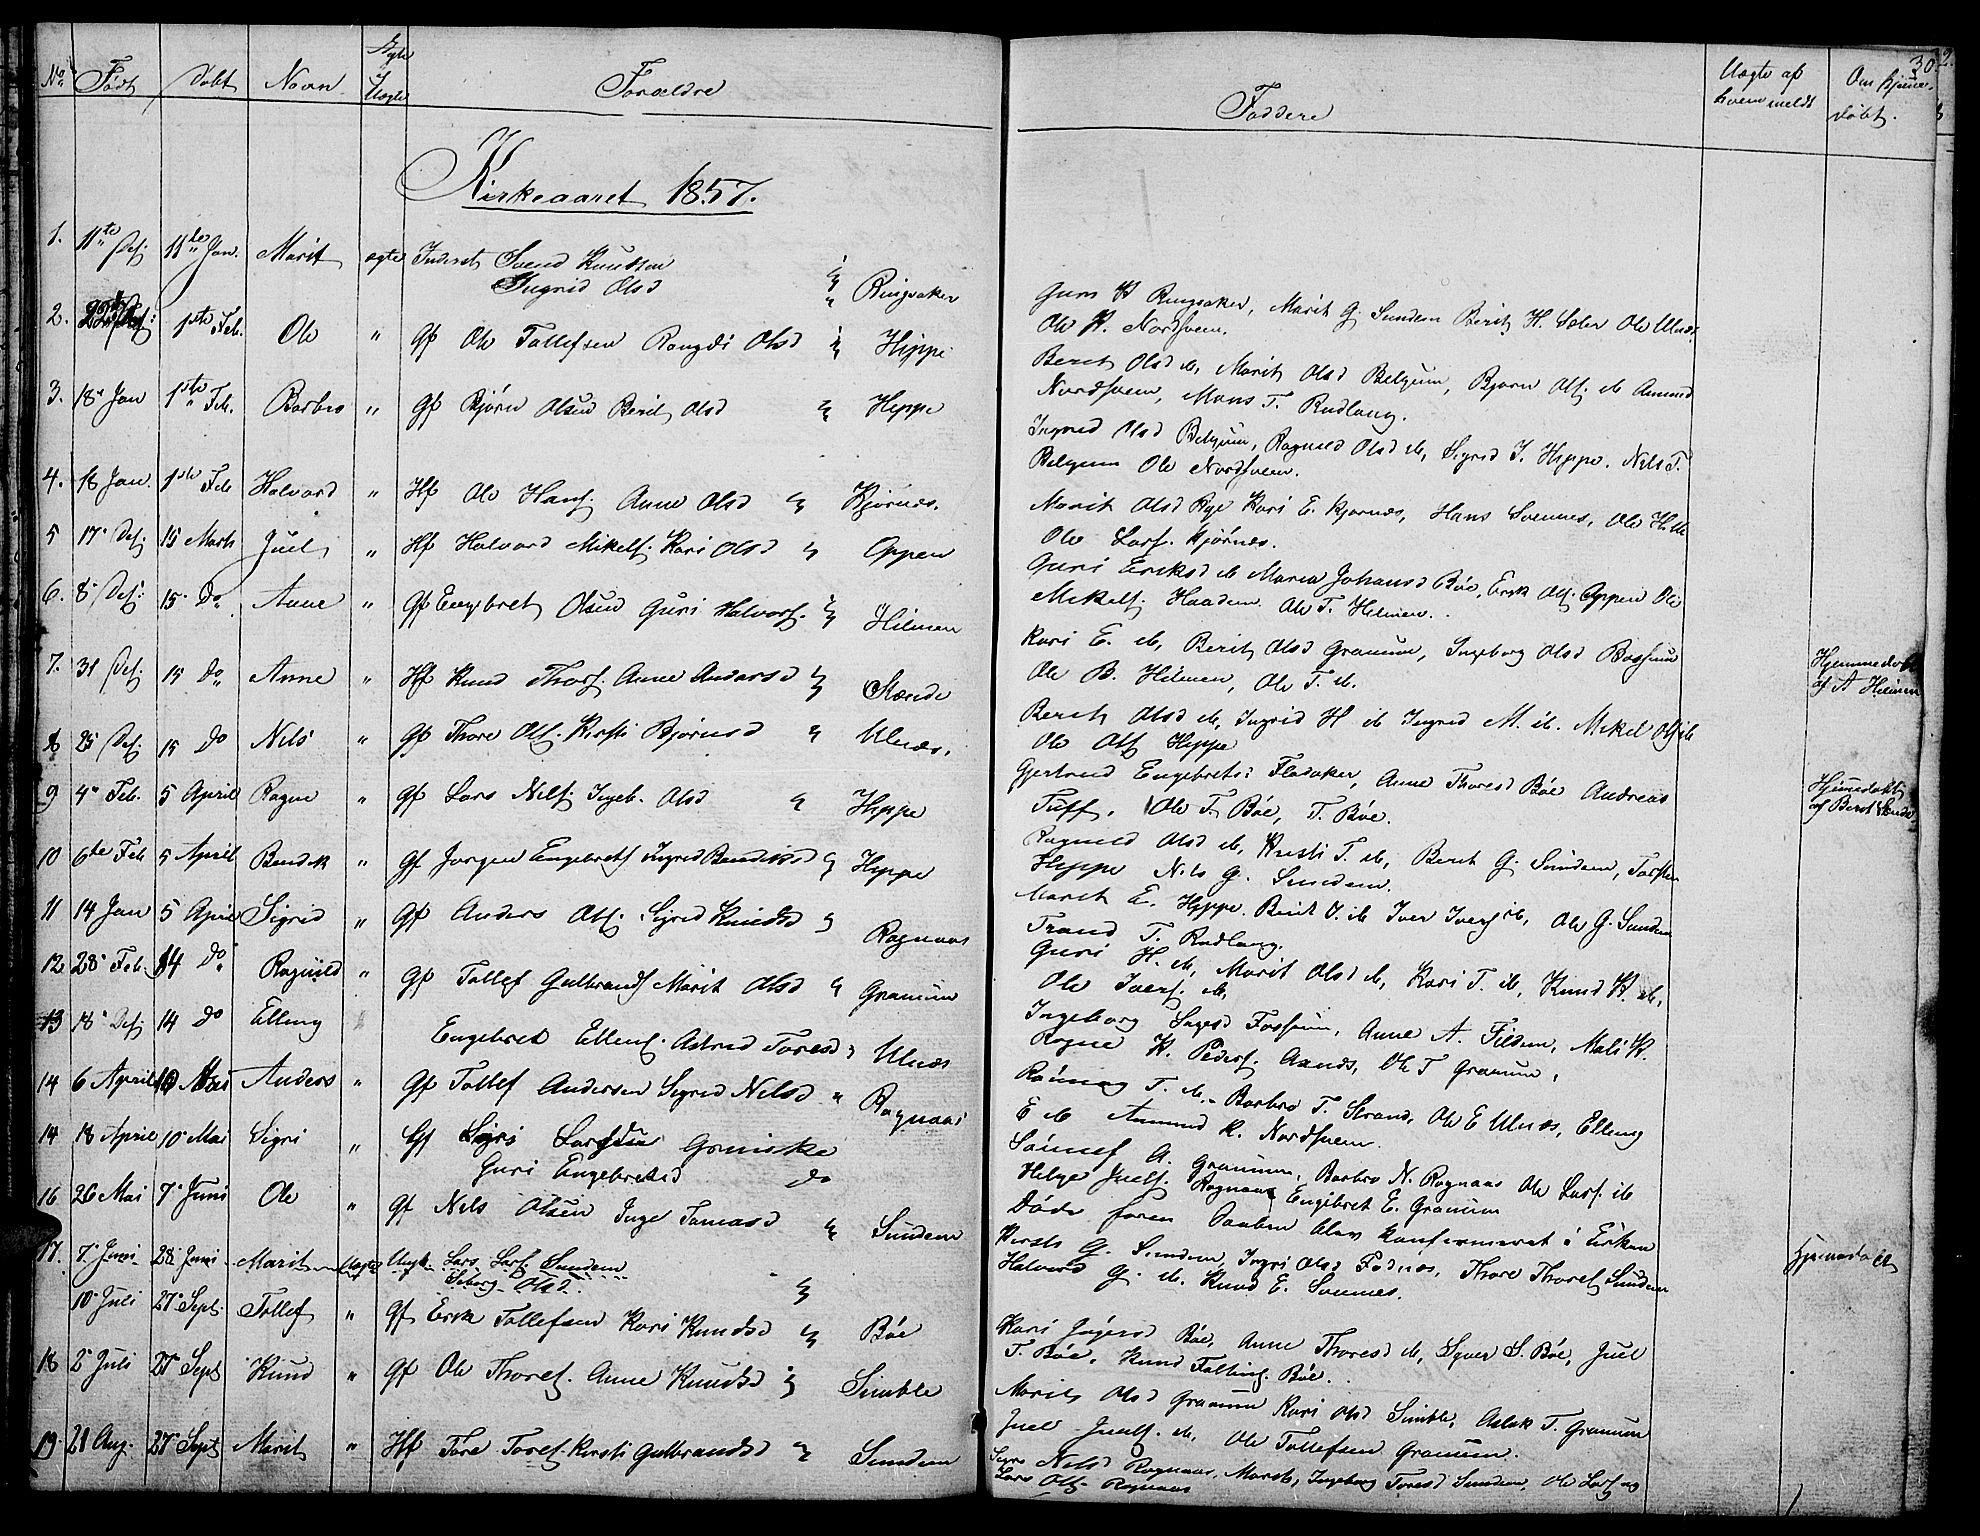 SAH, Nord-Aurdal prestekontor, Klokkerbok nr. 4, 1842-1882, s. 30